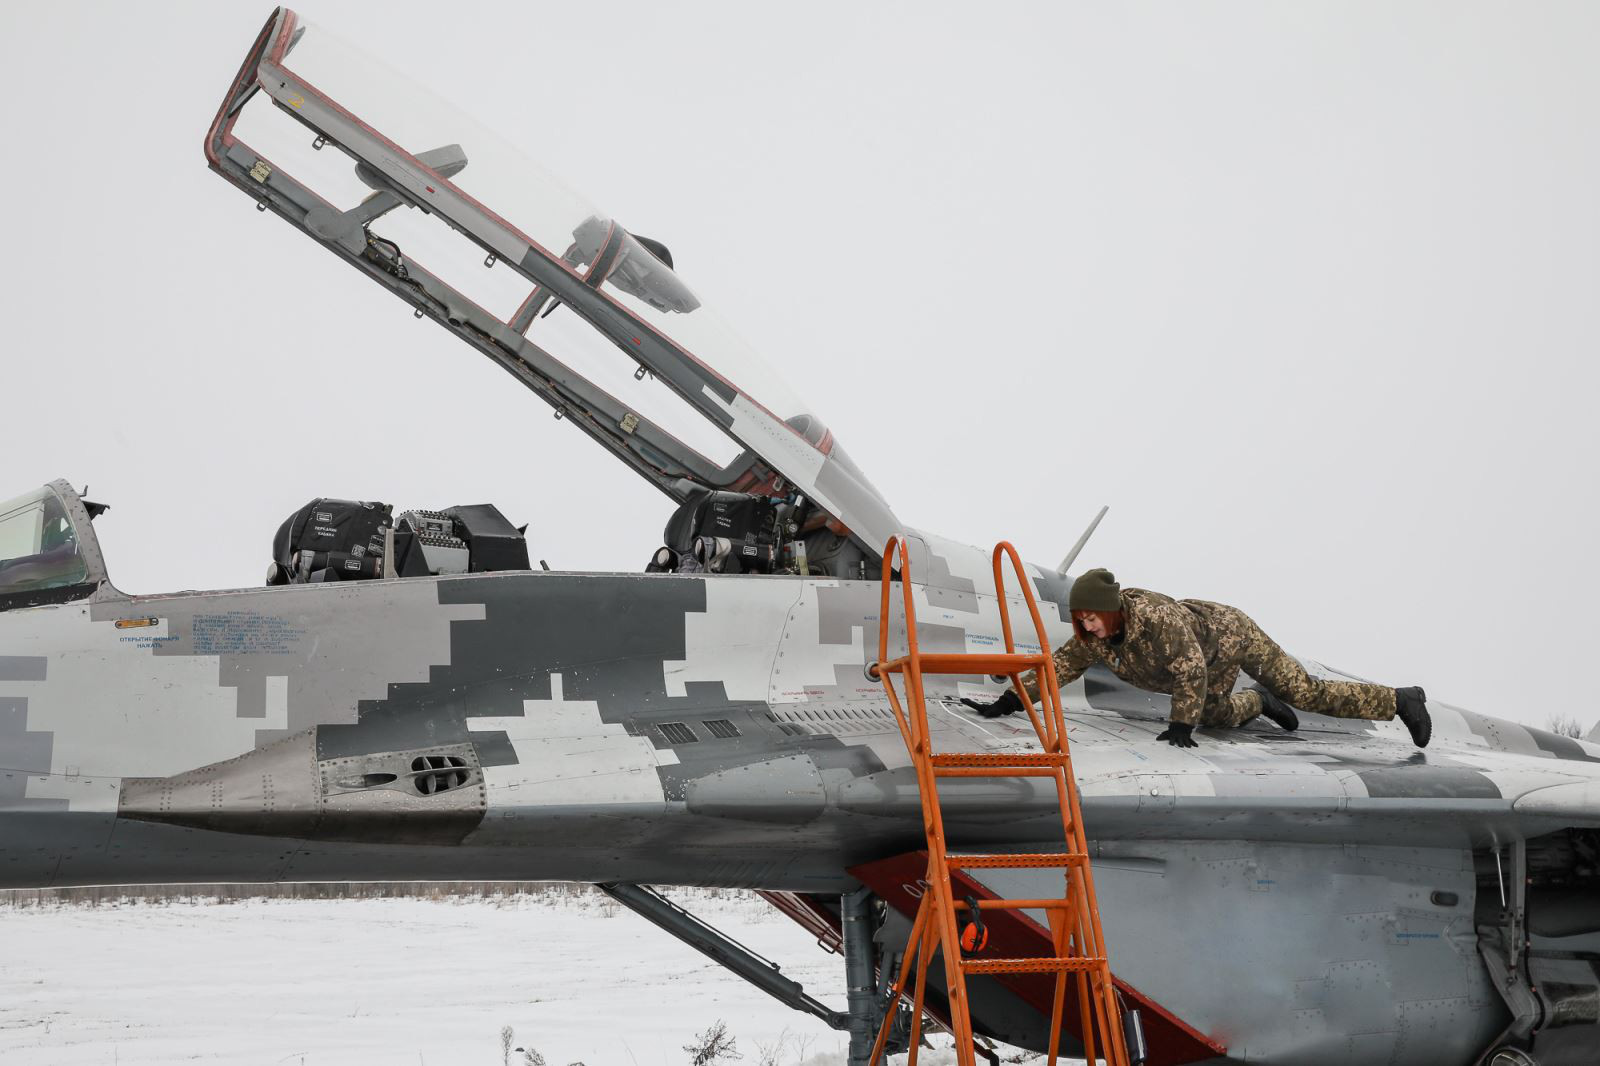 Sức mạnh của Không quân Ukraine liệu có đủ để đối phó Nga? - Ảnh 5.